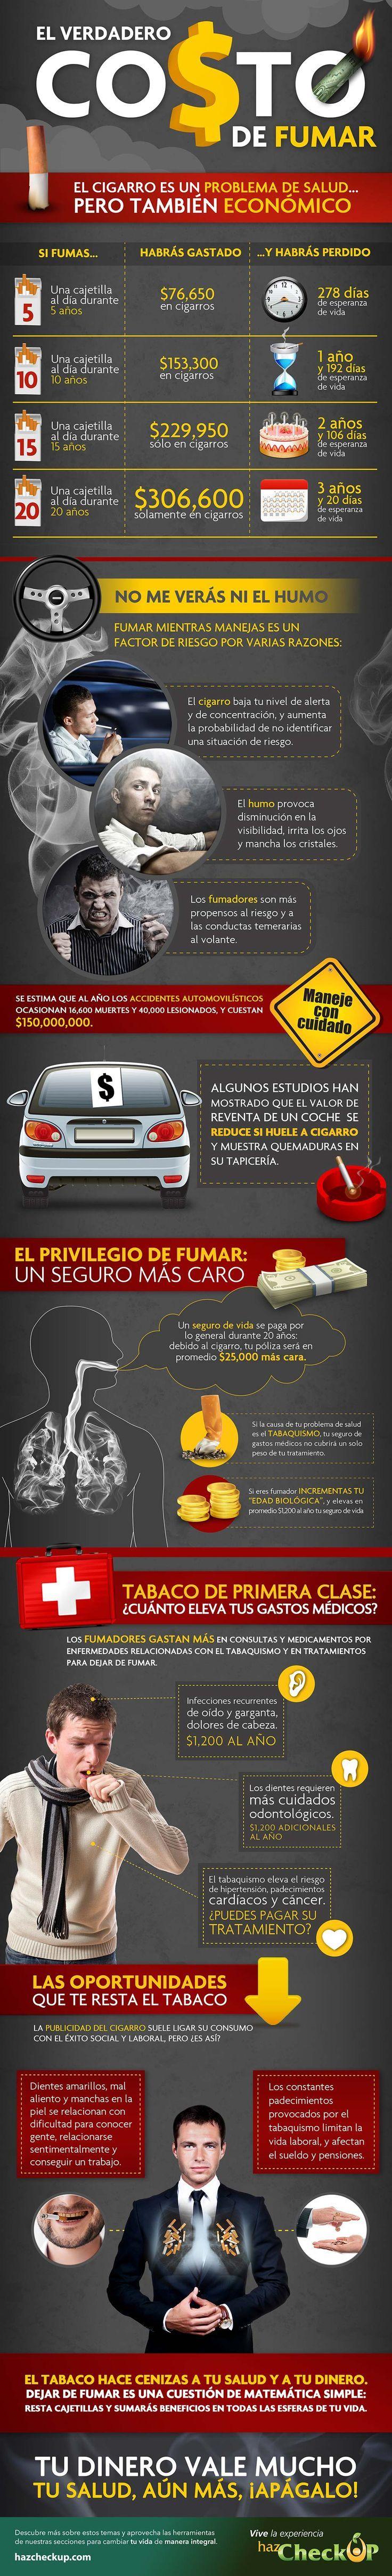 El verdadero #costo de #fumar El #cigarro es un #problema de #salud... pero también #económico #vida #humo #riesgo #segurodevida #tabaquismo #gastosmédicos #hipertensión #cáncer #tabaco #dinero #hazcheckup